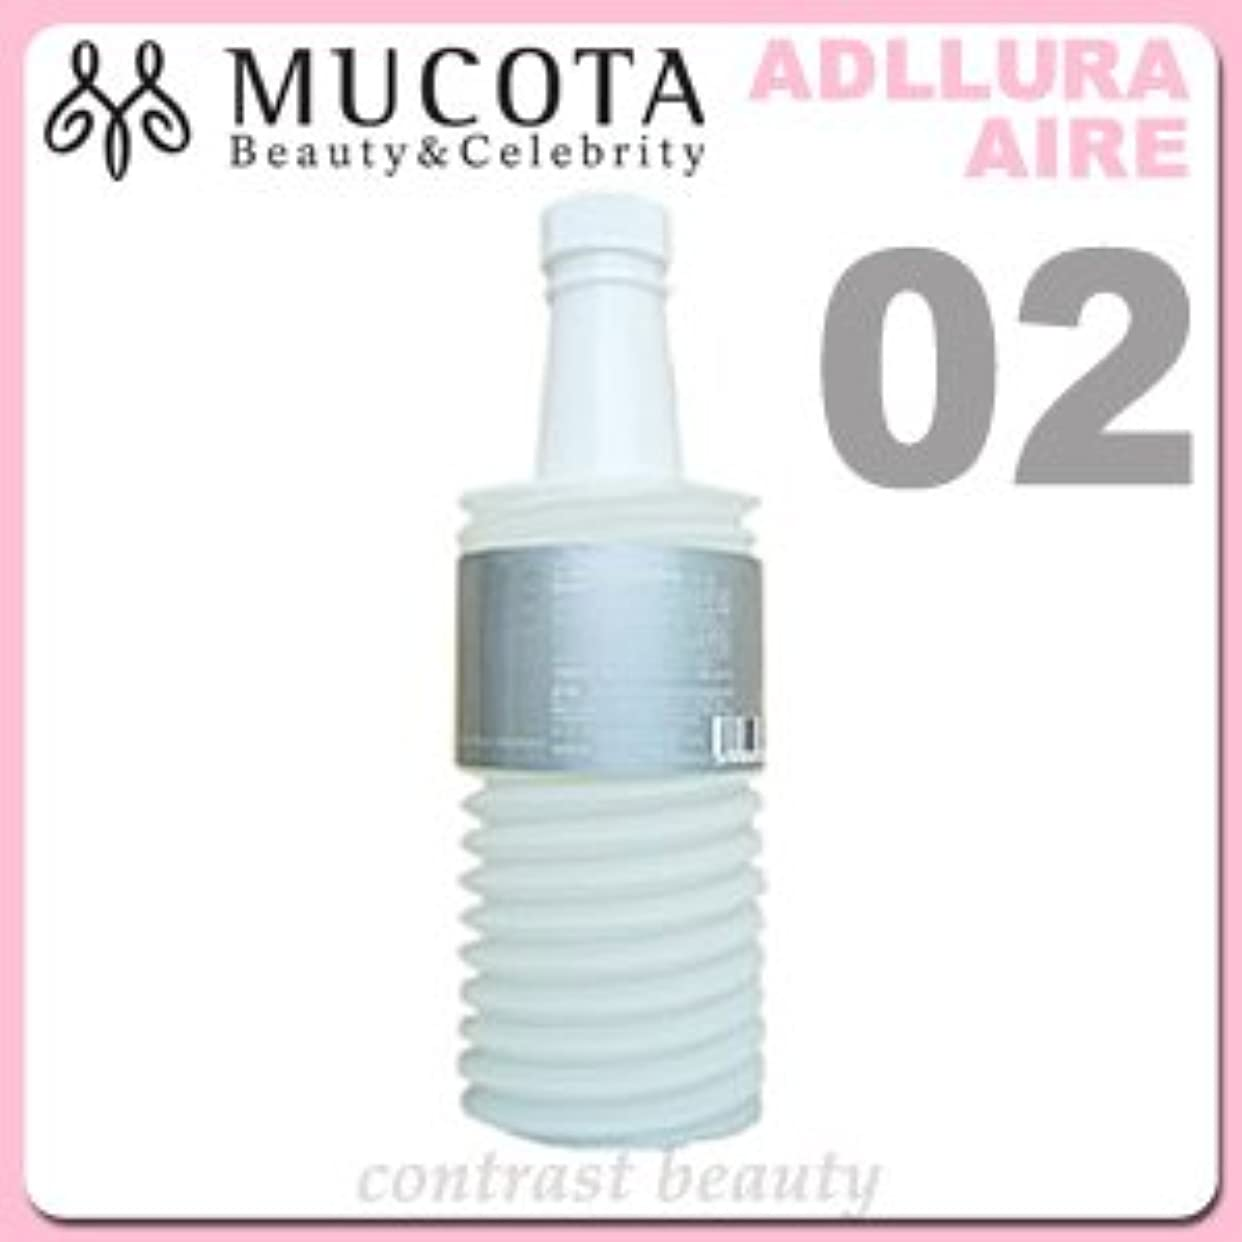 快い好ましい香り【X4個セット】 ムコタ アデューラ アイレ02 エモリエントCMCシャンプー アクア 700ml(レフィル)